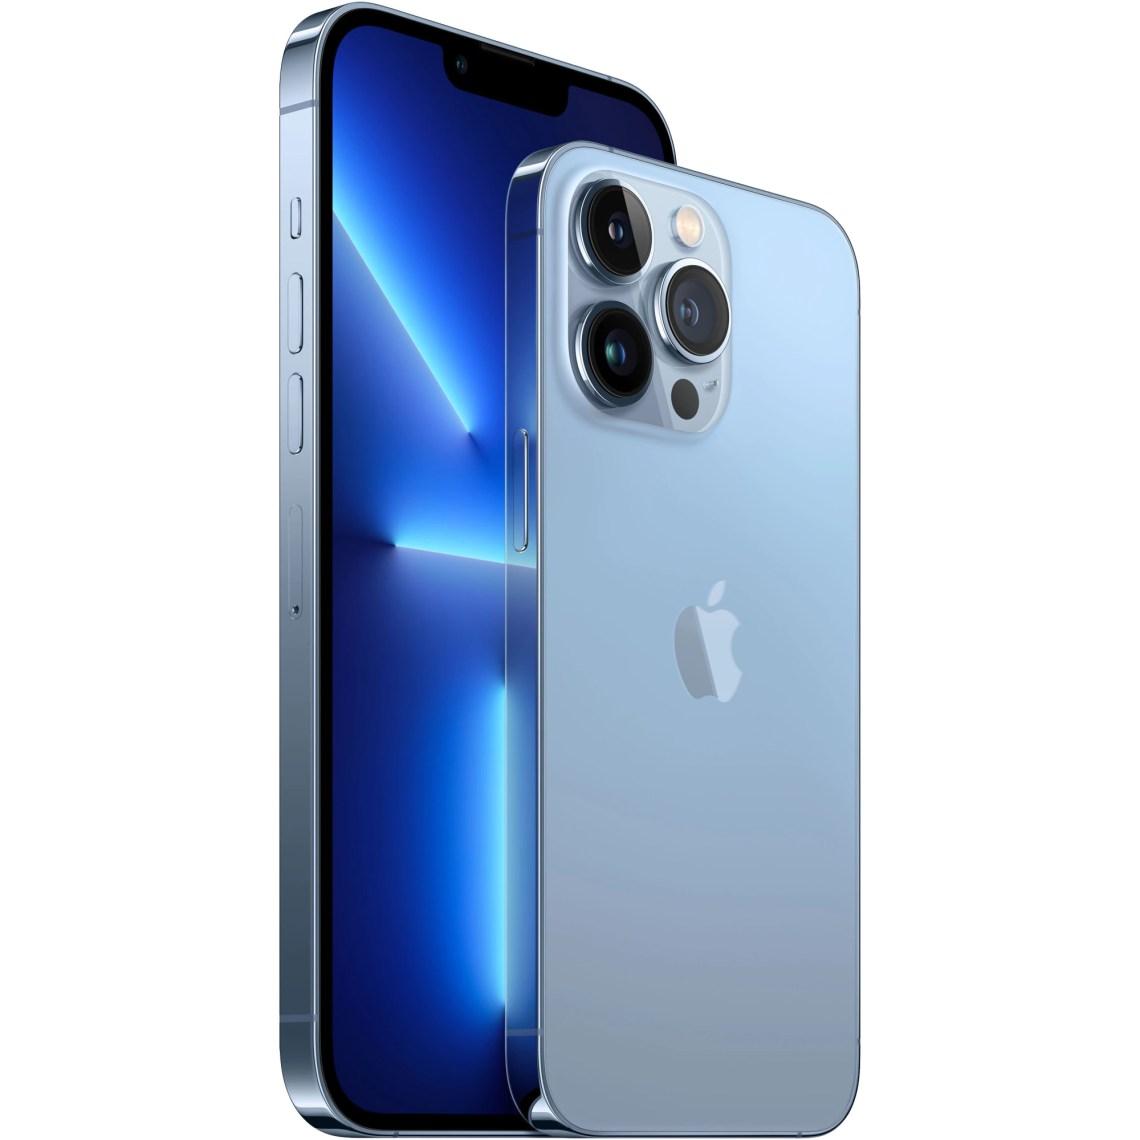 Telefon mobil Apple iPhone 13 Pro Max, 256GB, 5G, Sierra Blue